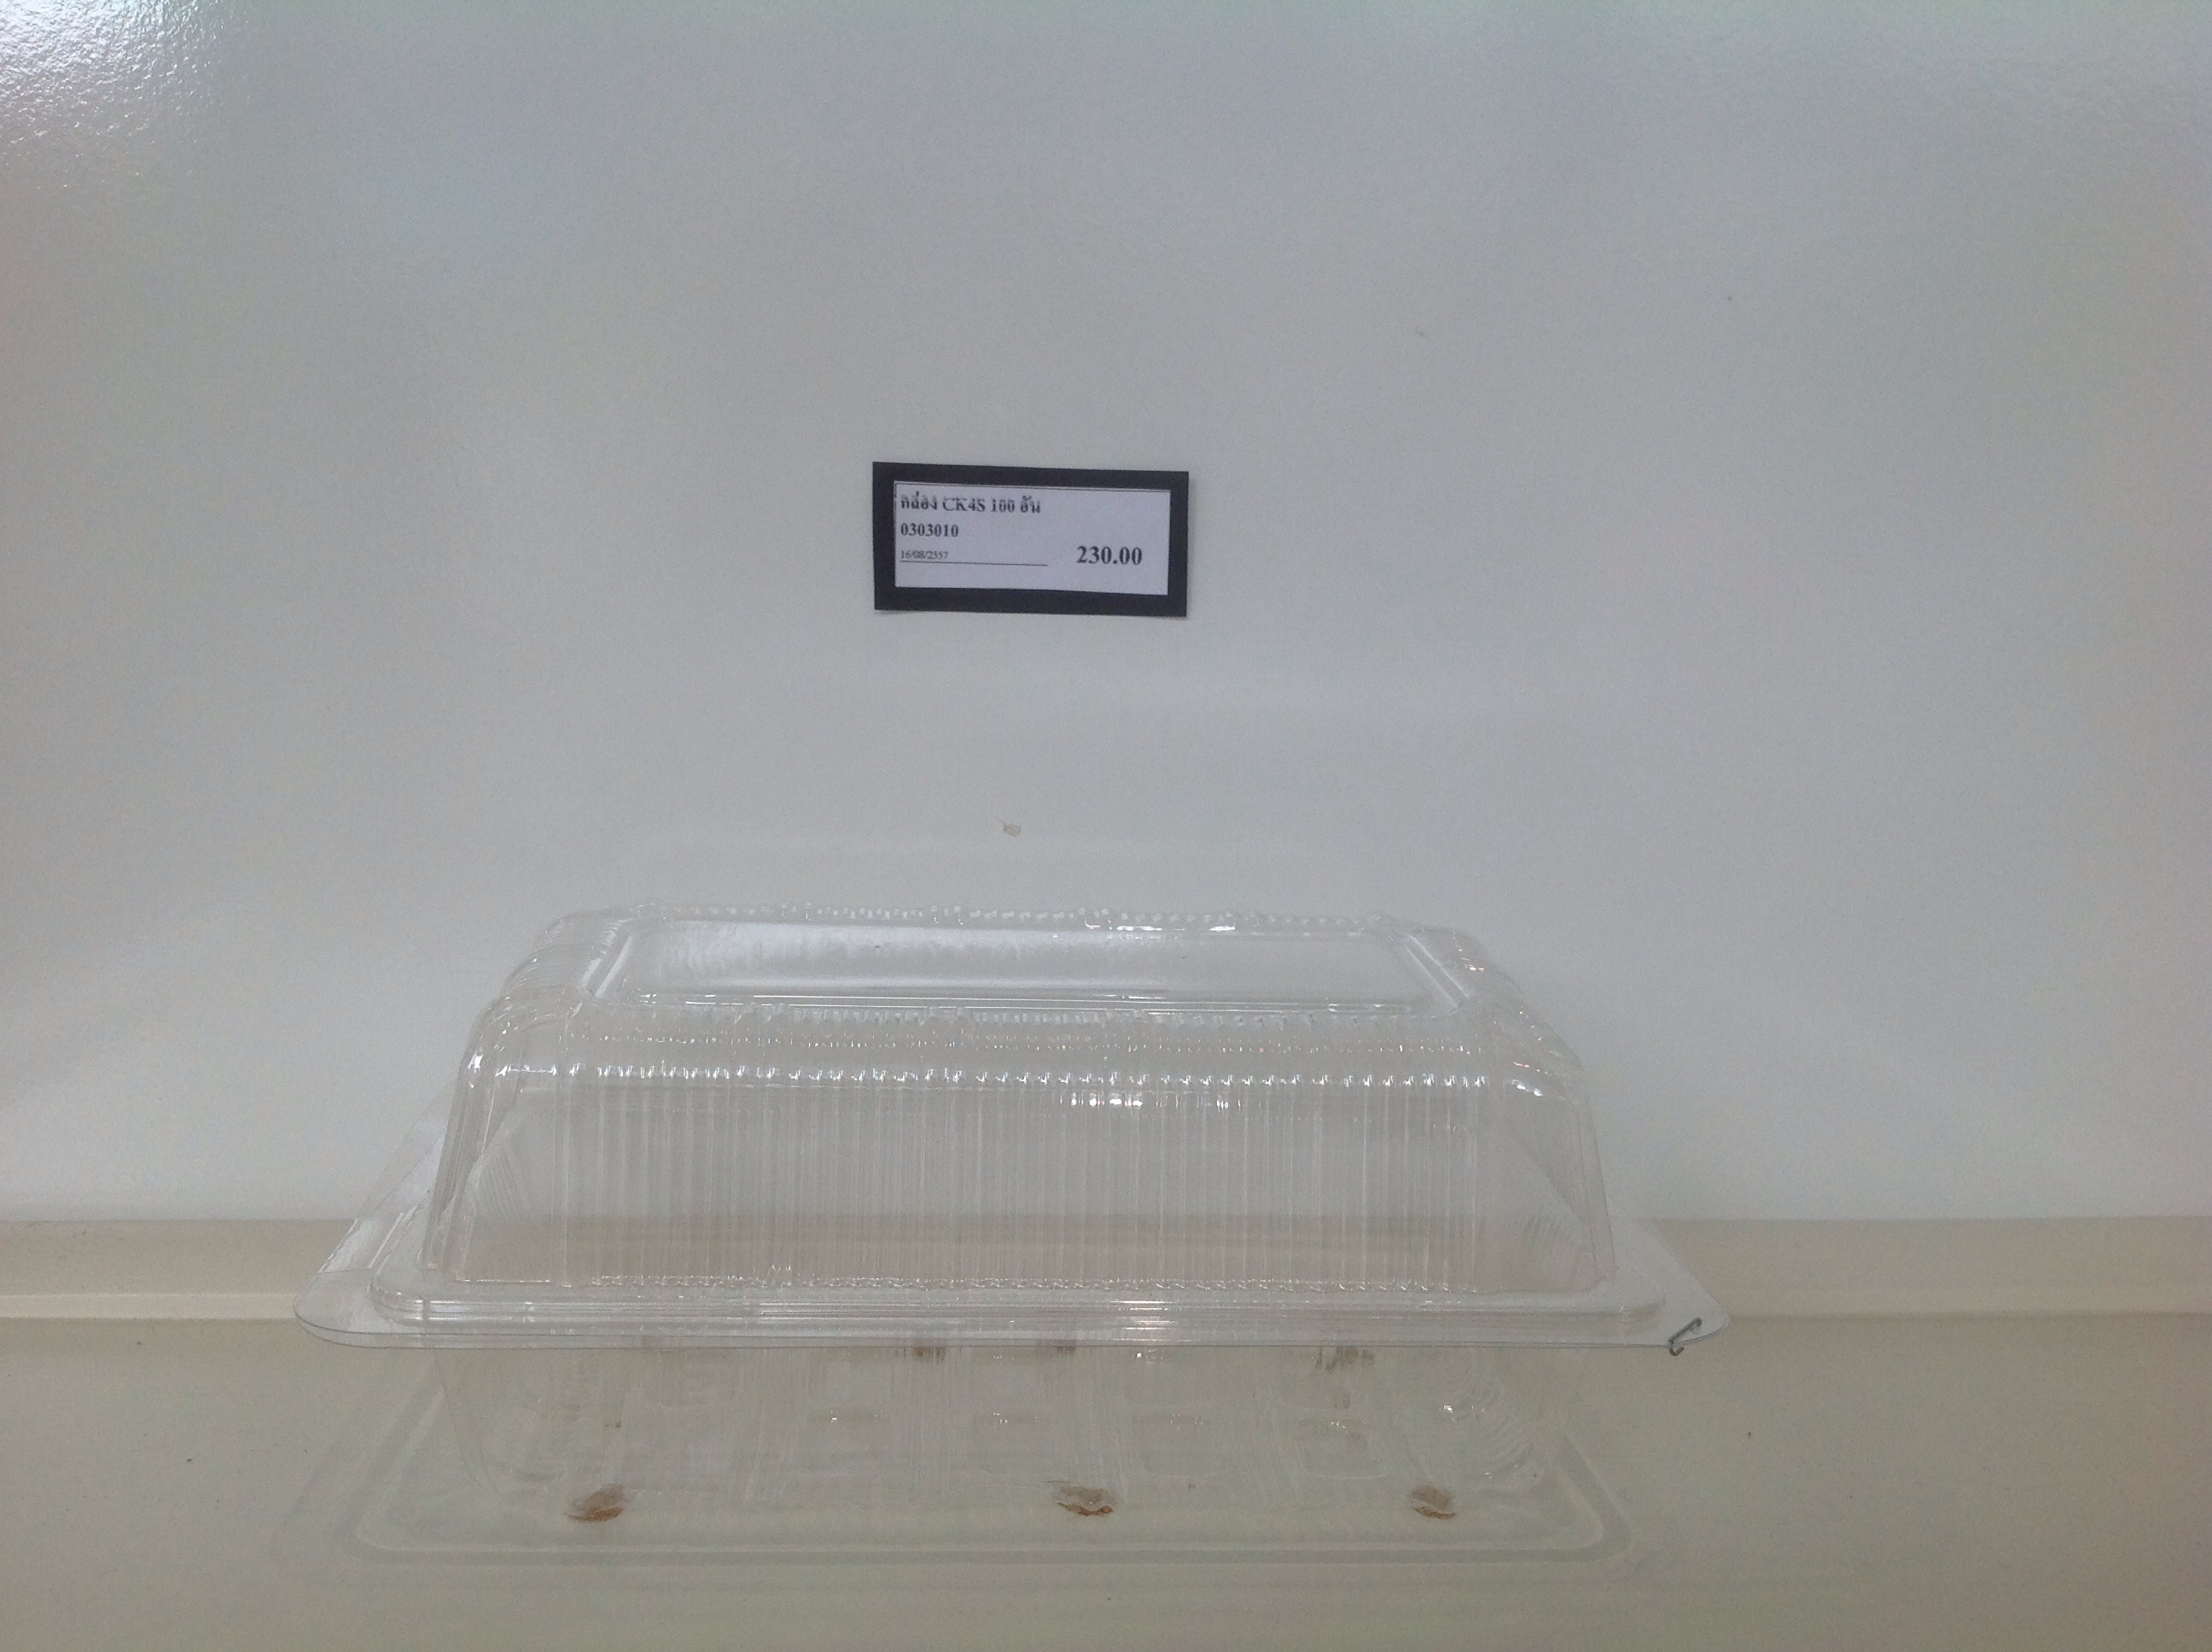 กล่อง CK4S กว้าง 7.5 ซม. ยาว 14.5 ซม. สูง 6 ซม. แพ็คละ 100 ชิ้น